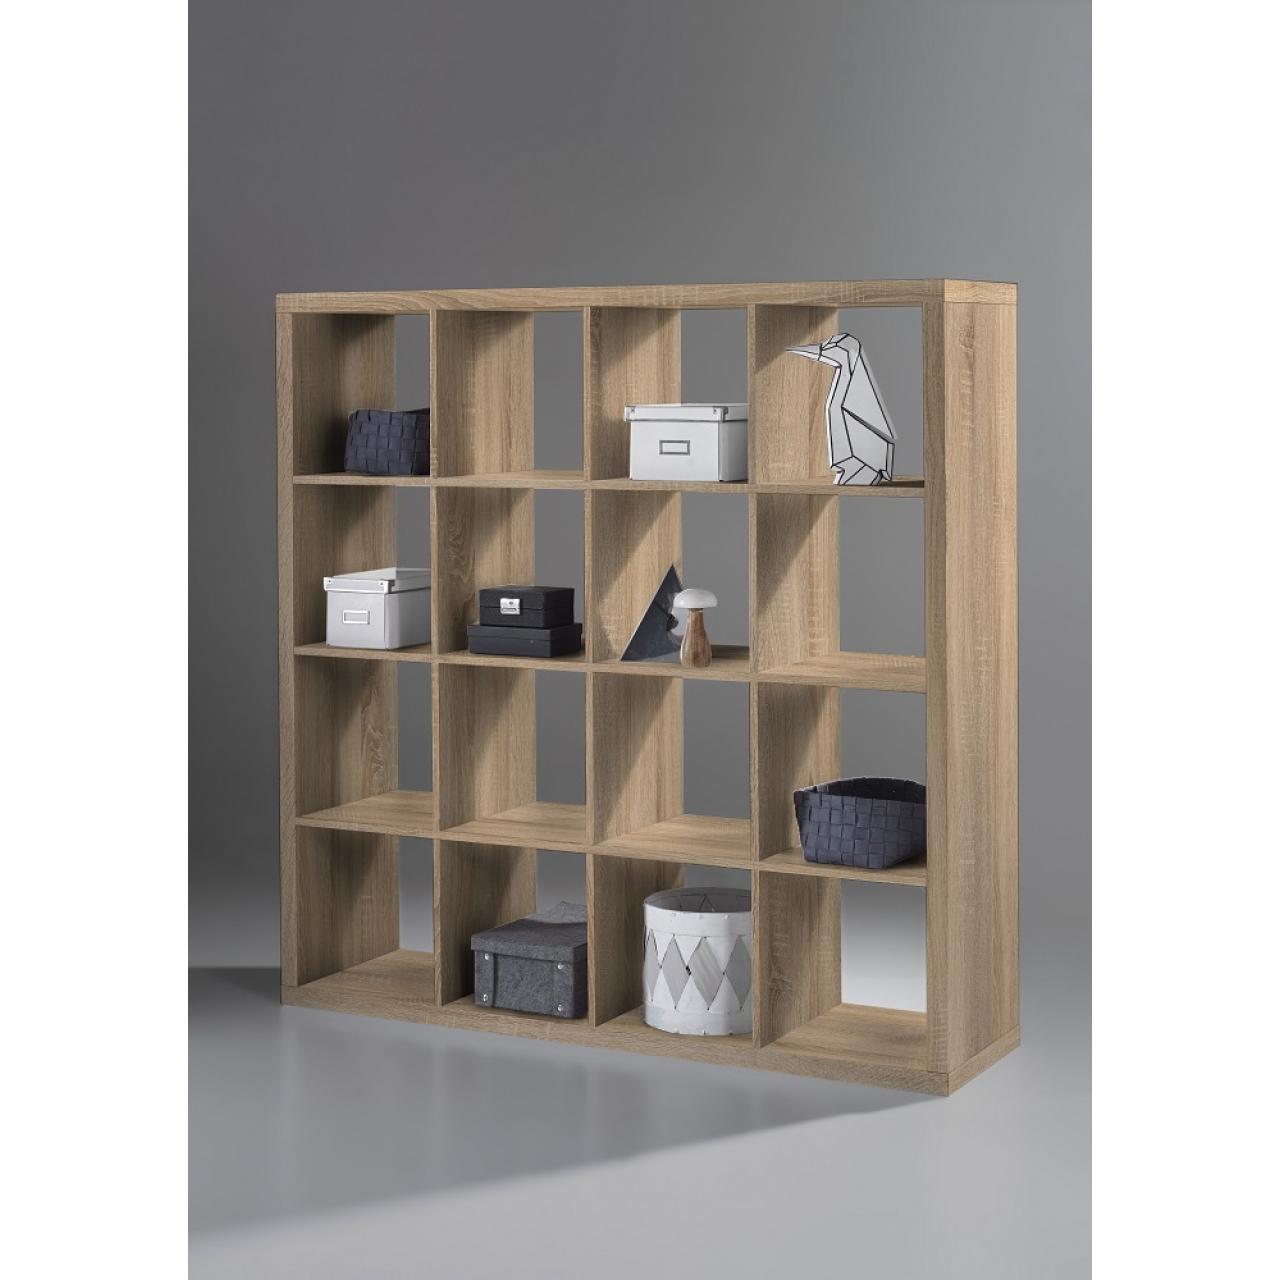 Raumteiler Style 136 Sonoma Eiche 16 Fächer MDF Standregal Regal Wohnzimmer